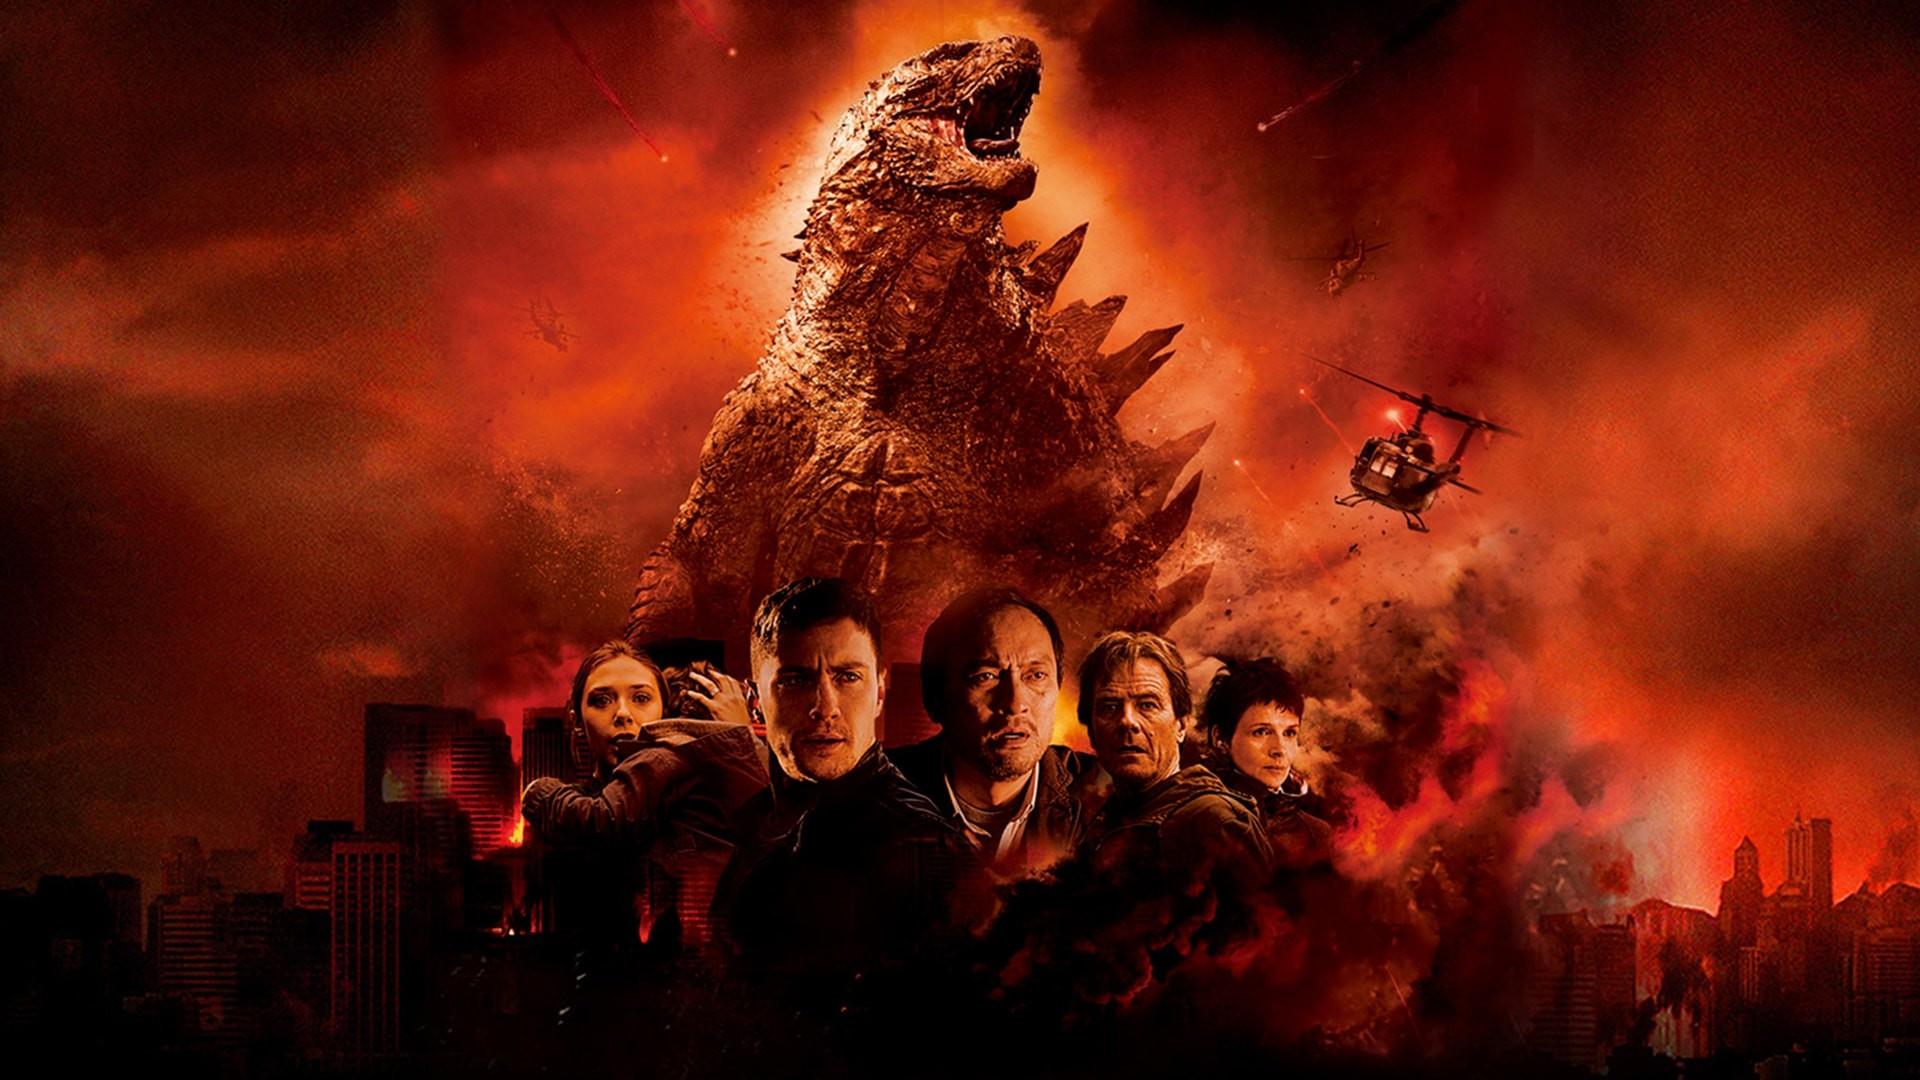 Godzilla 2014 Wallpaper